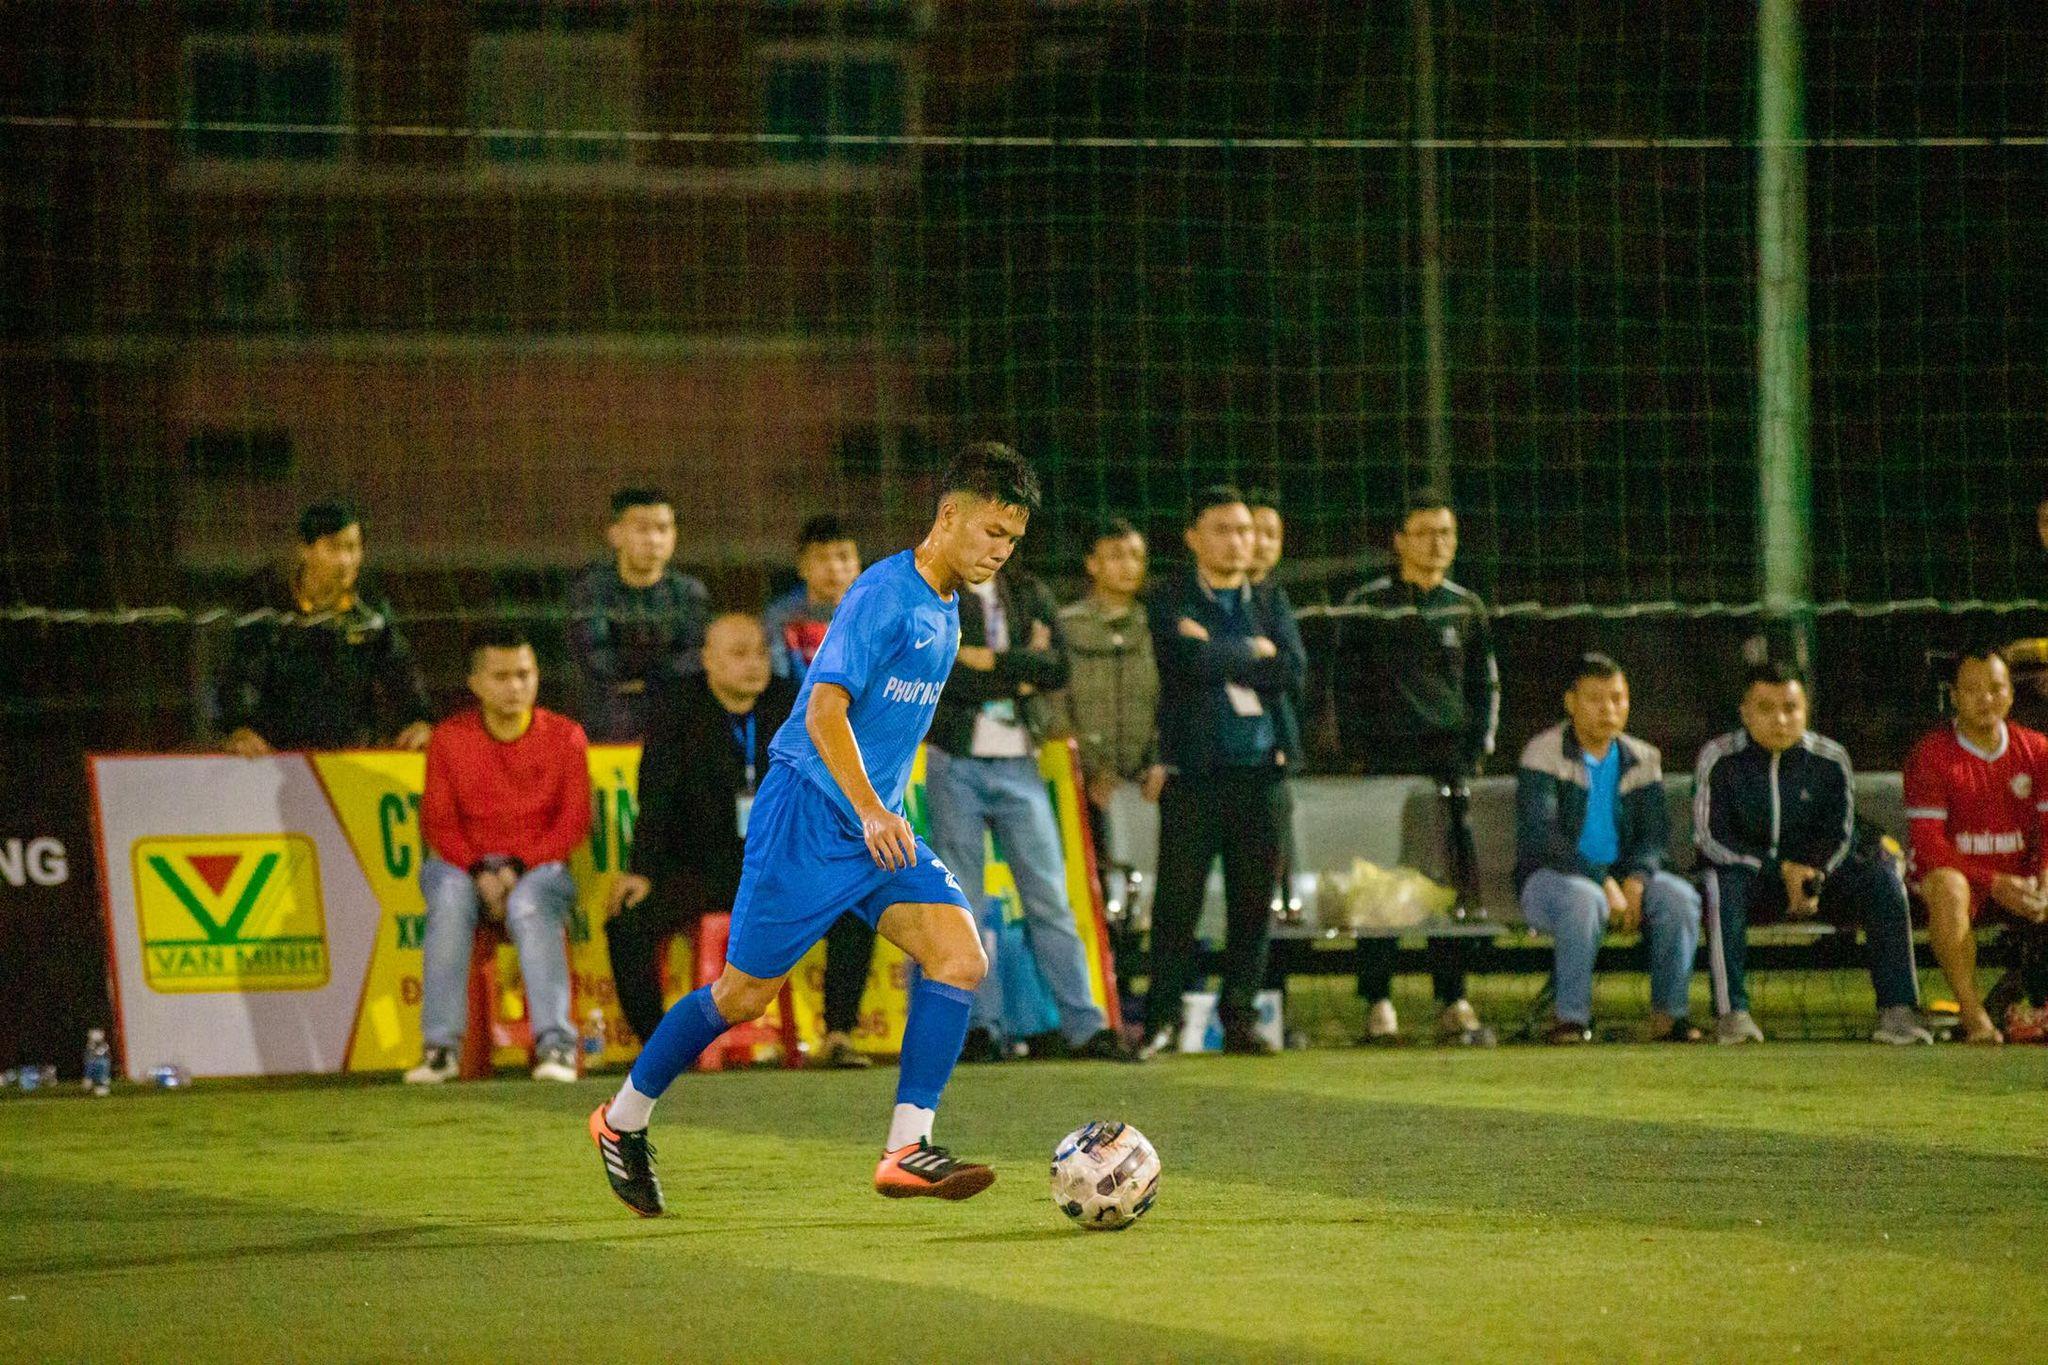 """Nghệ League 2020 (Phước An CPN): Sao trẻ Minh Hiếu """"đường sữa"""" Hùng Milan, """"Vua phủi"""" Cap sẵn sàng xung trận"""